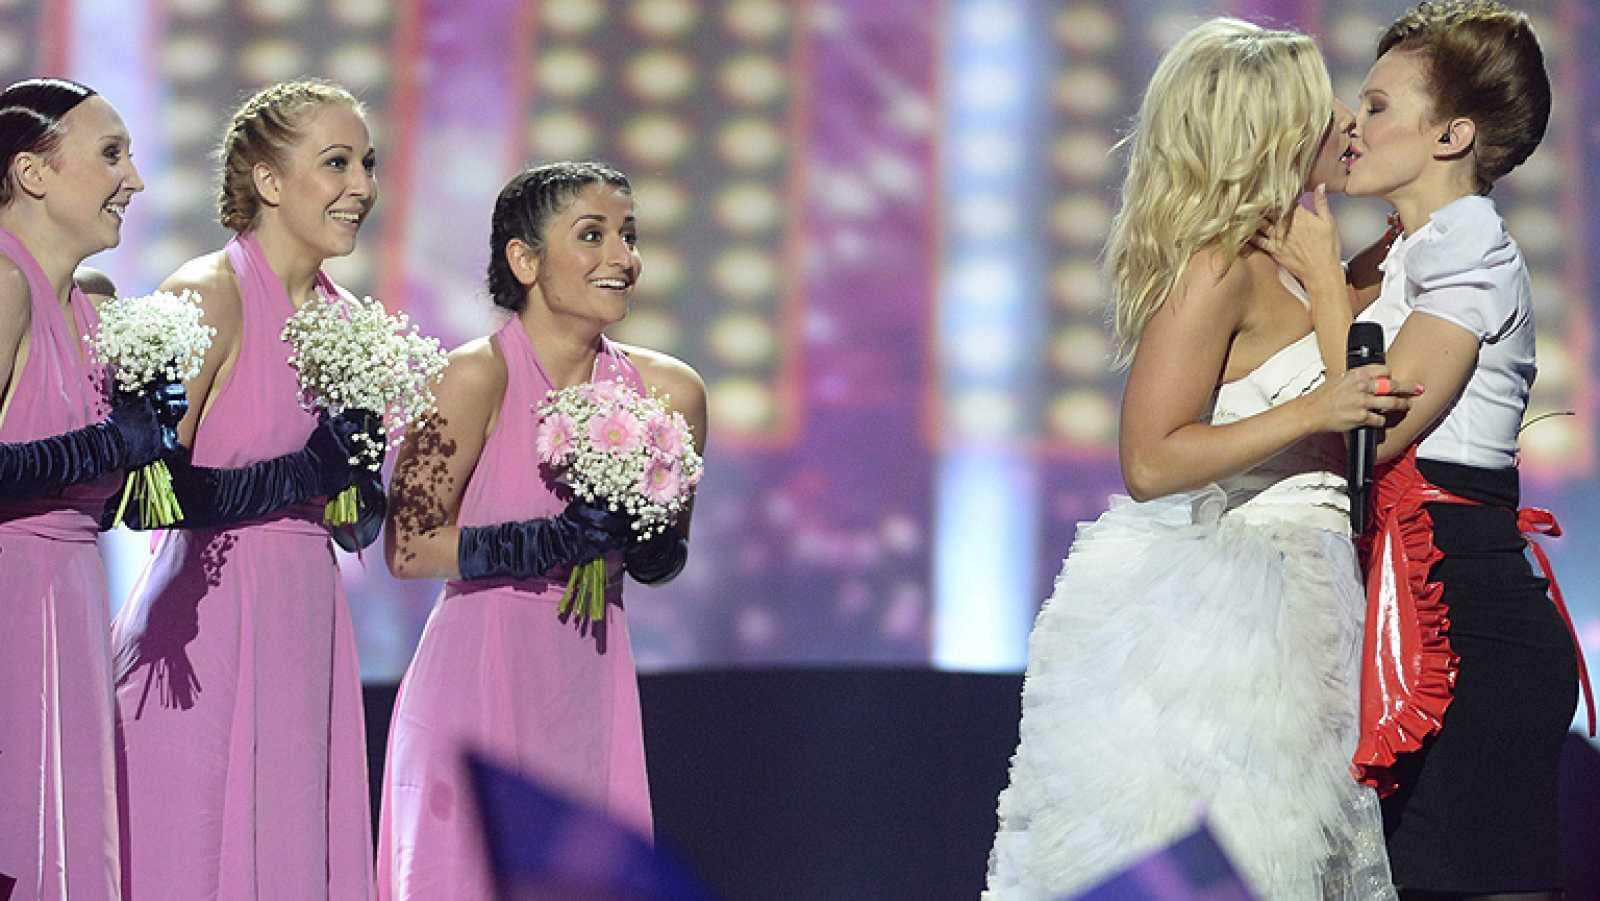 Festival de Eurovisión 2013 - Semifinal - Ver ahora